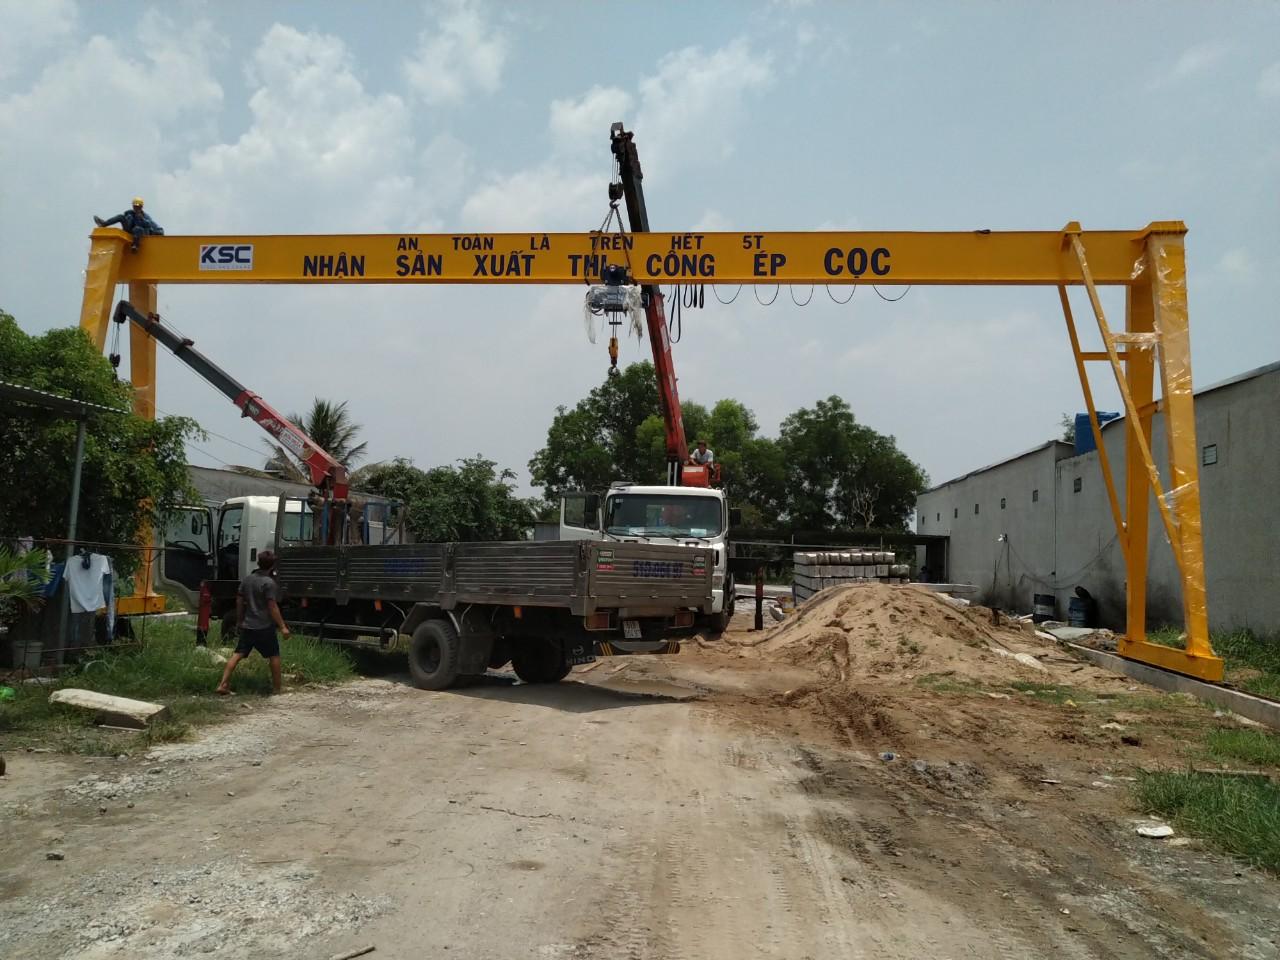 Thi công lắp đặt cổng trục dầm đơn 5 tấn tại Long An